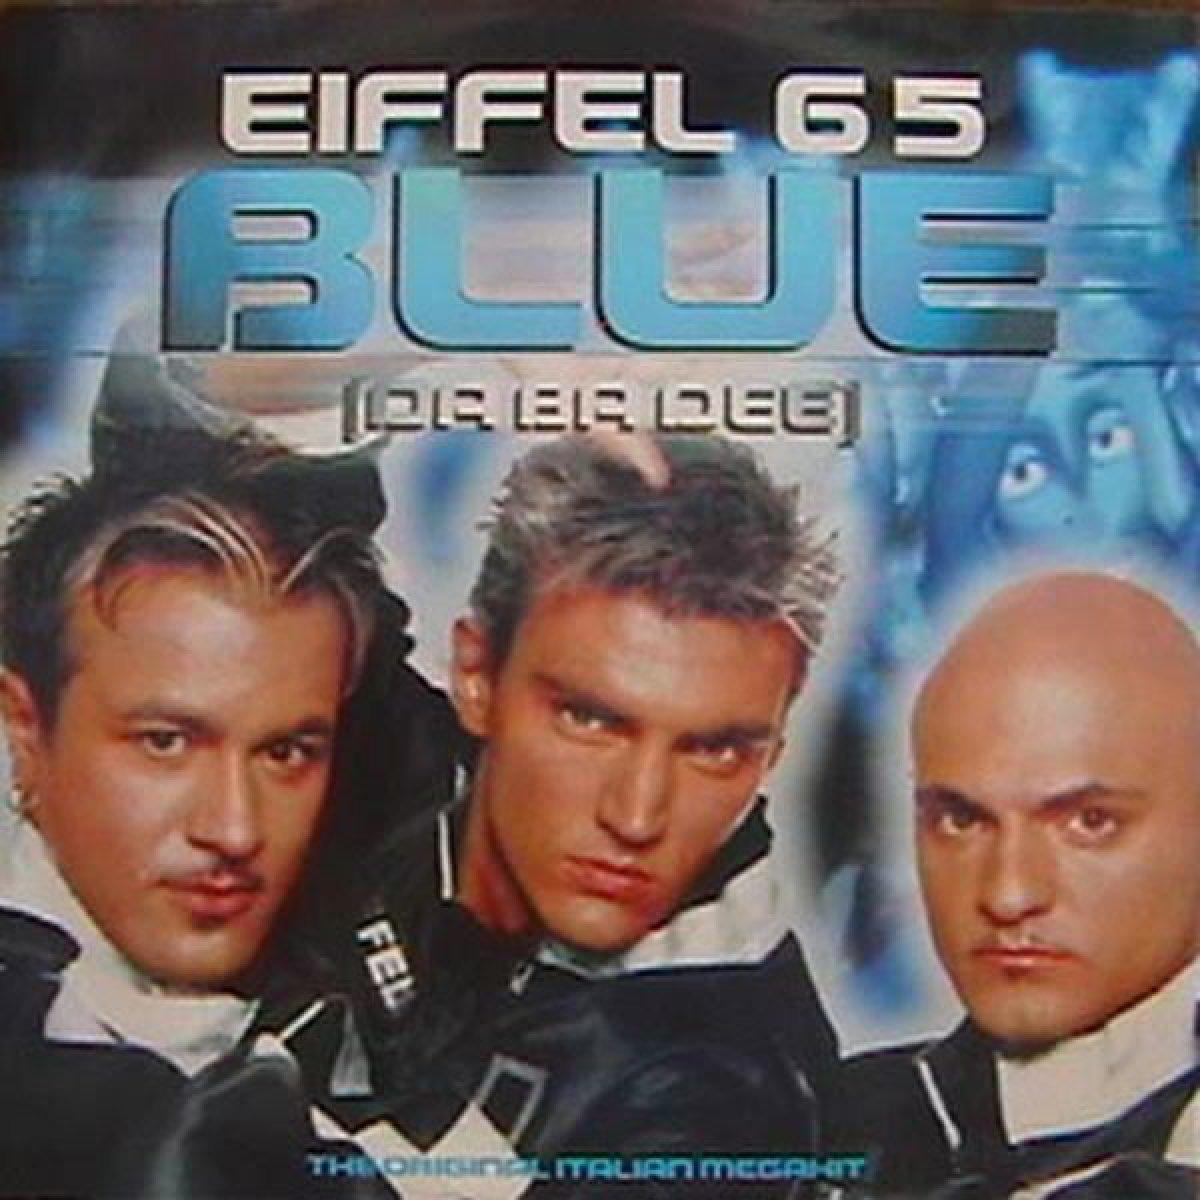 Blue (Da Ba Dee) – Eiffel 65